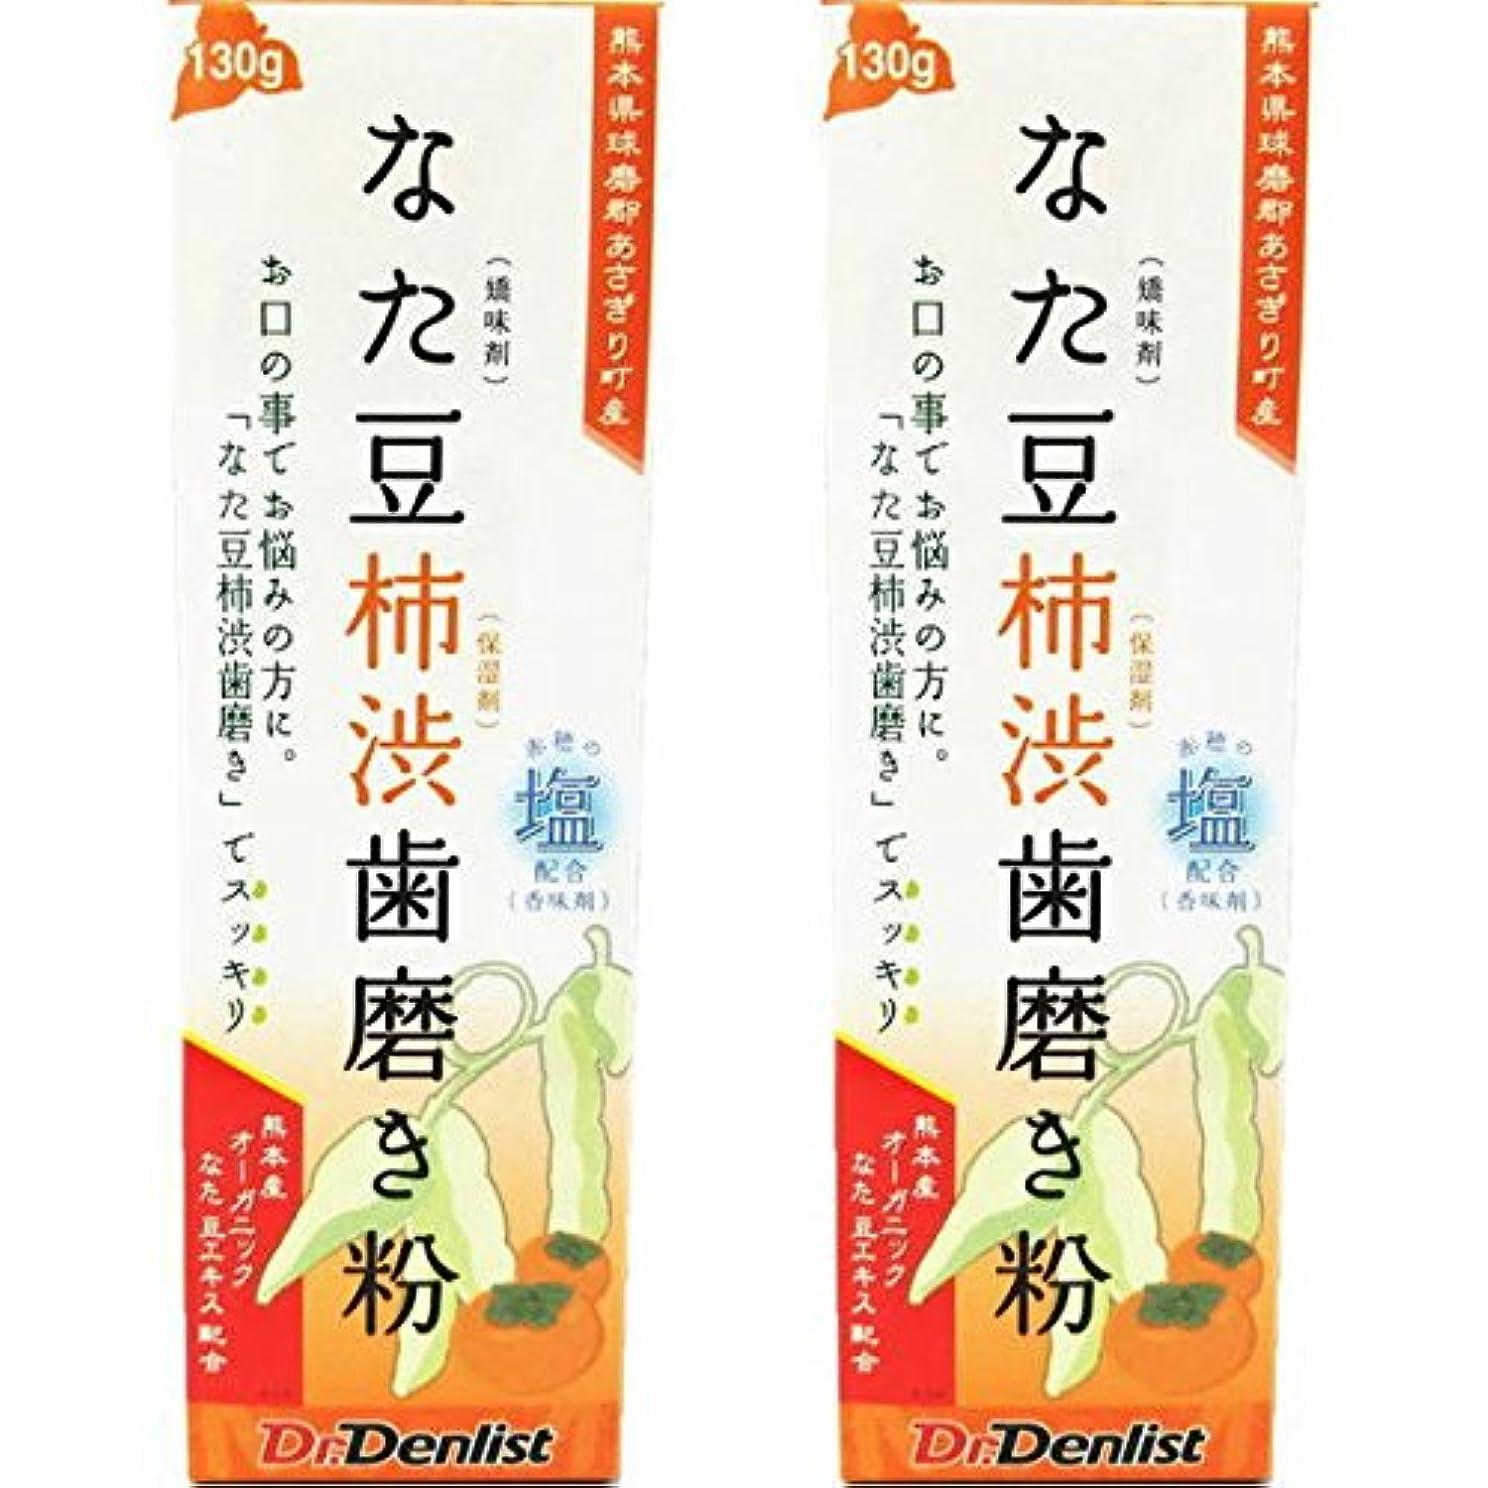 人道的レタス適度になた豆柿渋歯磨き 130g 2個セット 国産 有機なた豆使用 赤穂の塩配合(香味剤)